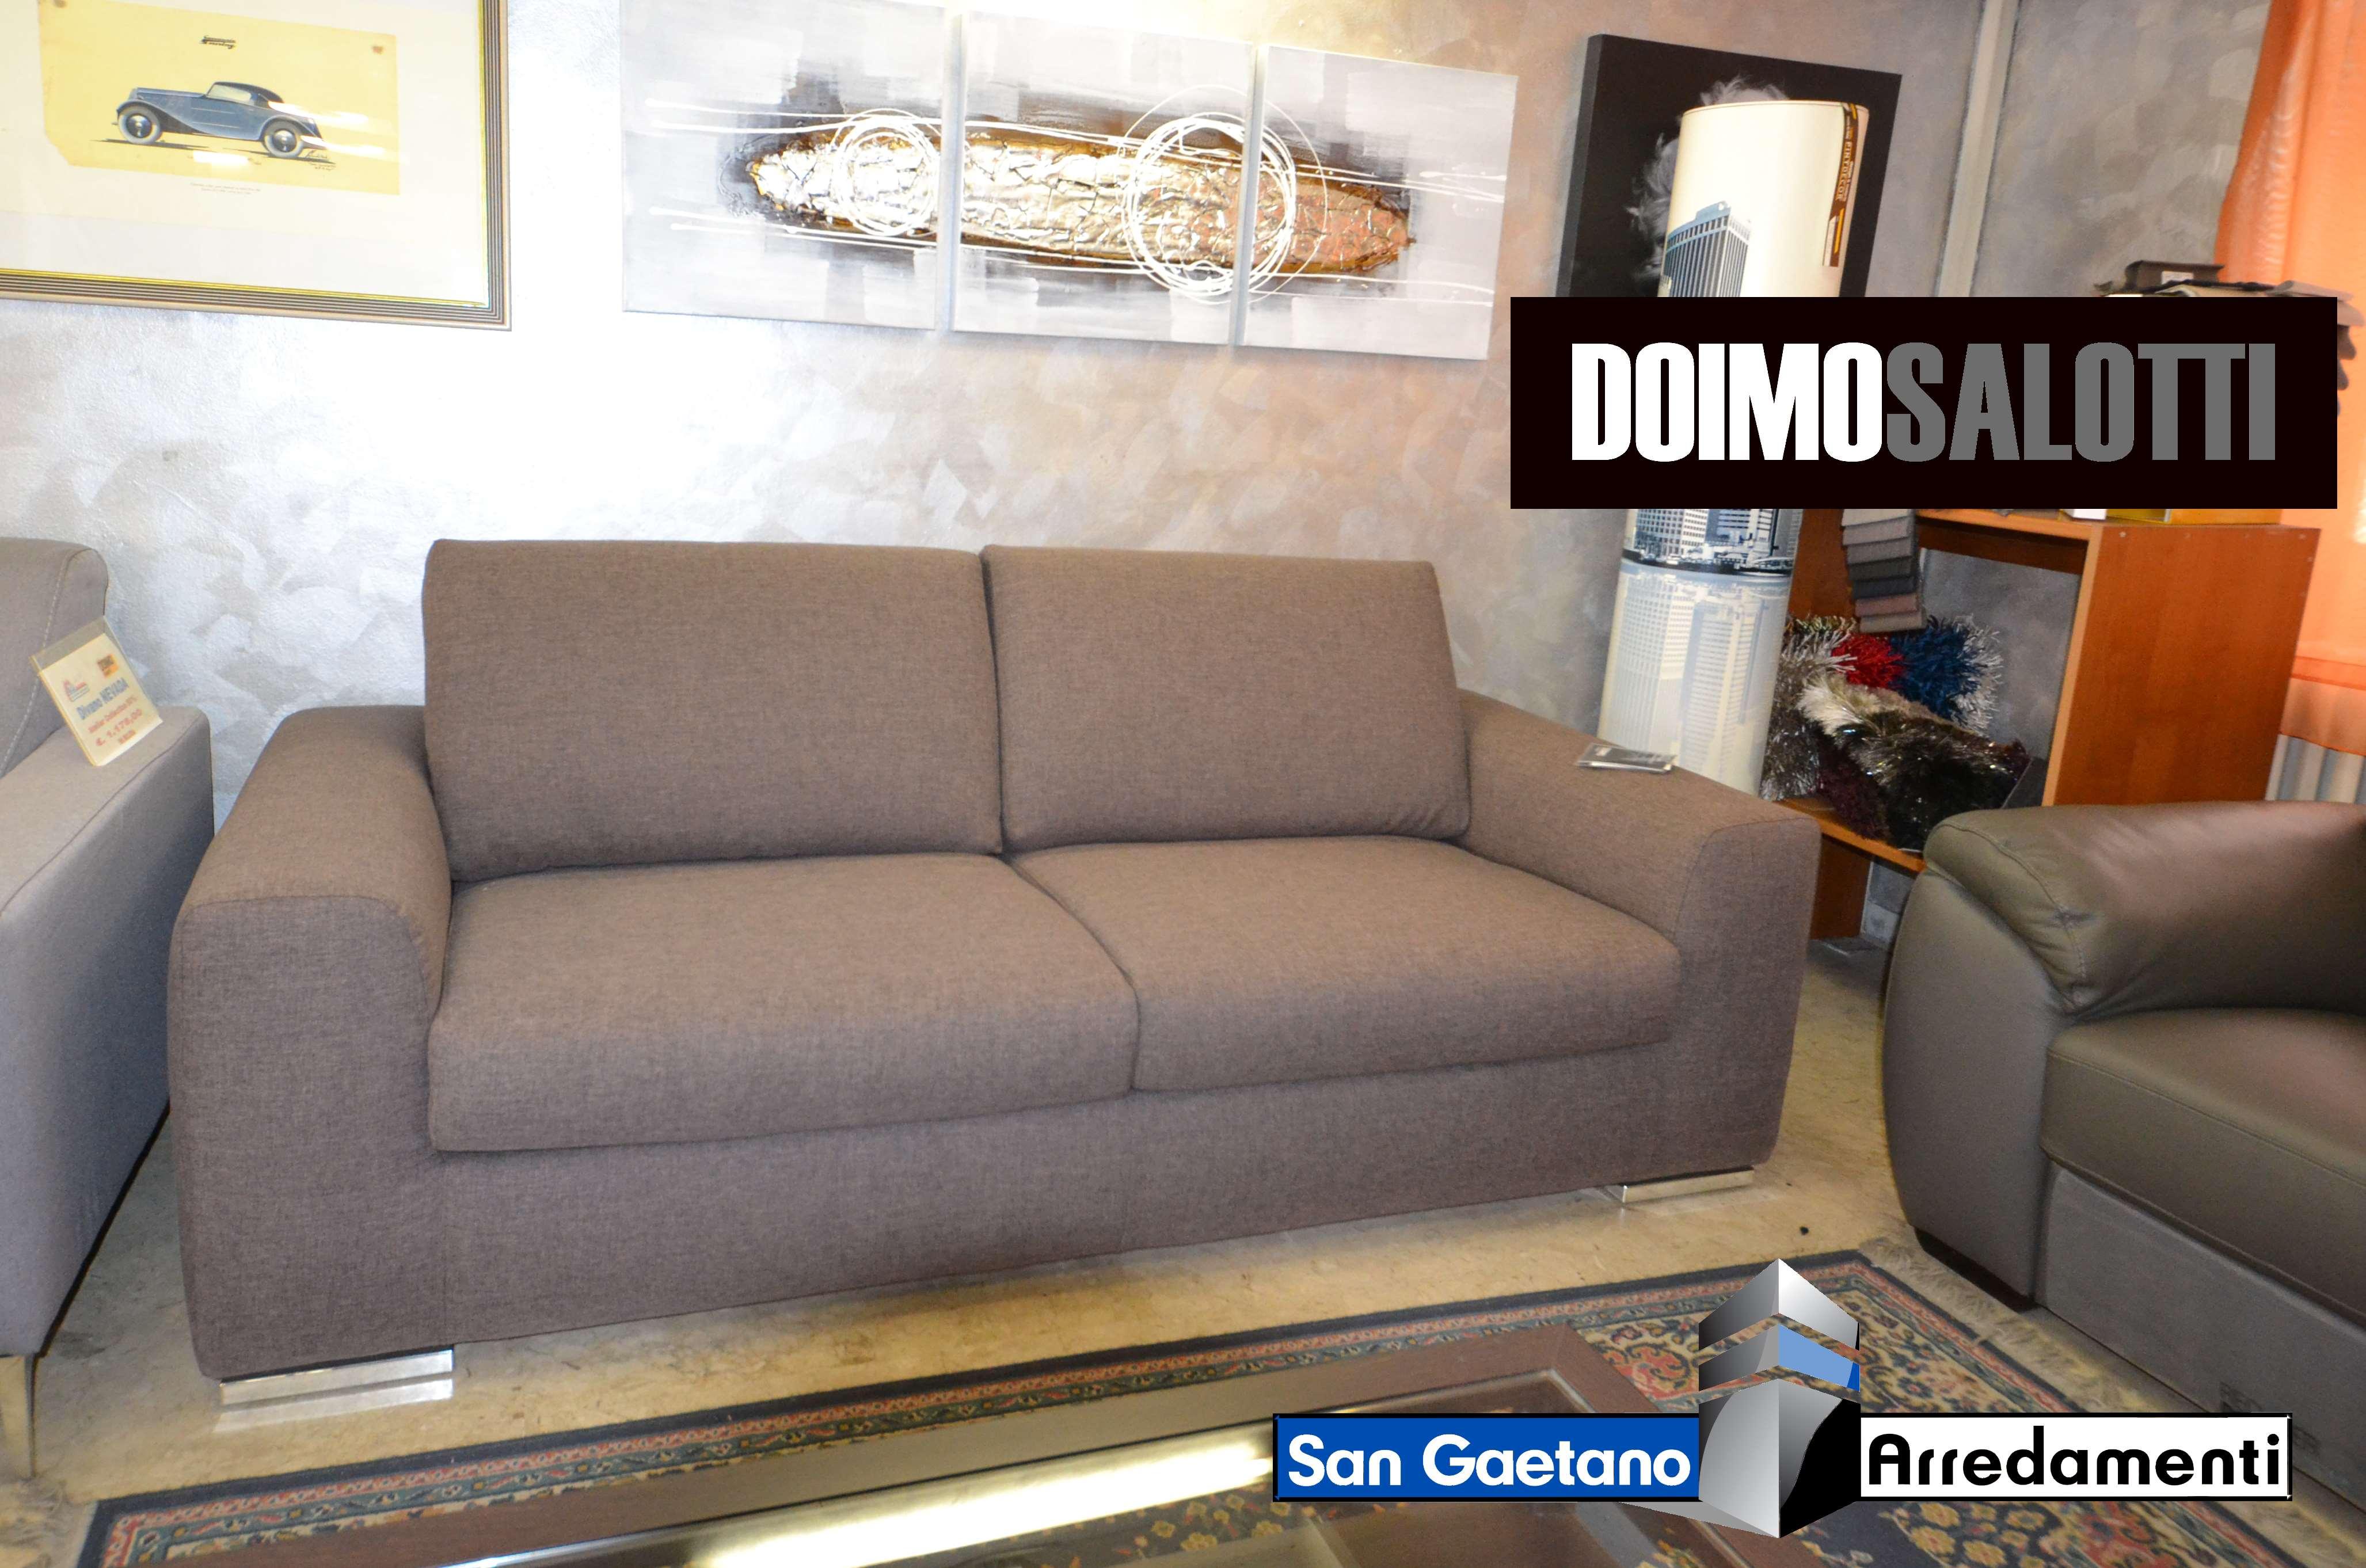 Costo divano great costruire divano bancali idee per il design della casa with costo divano - Rifoderare divano costo ...